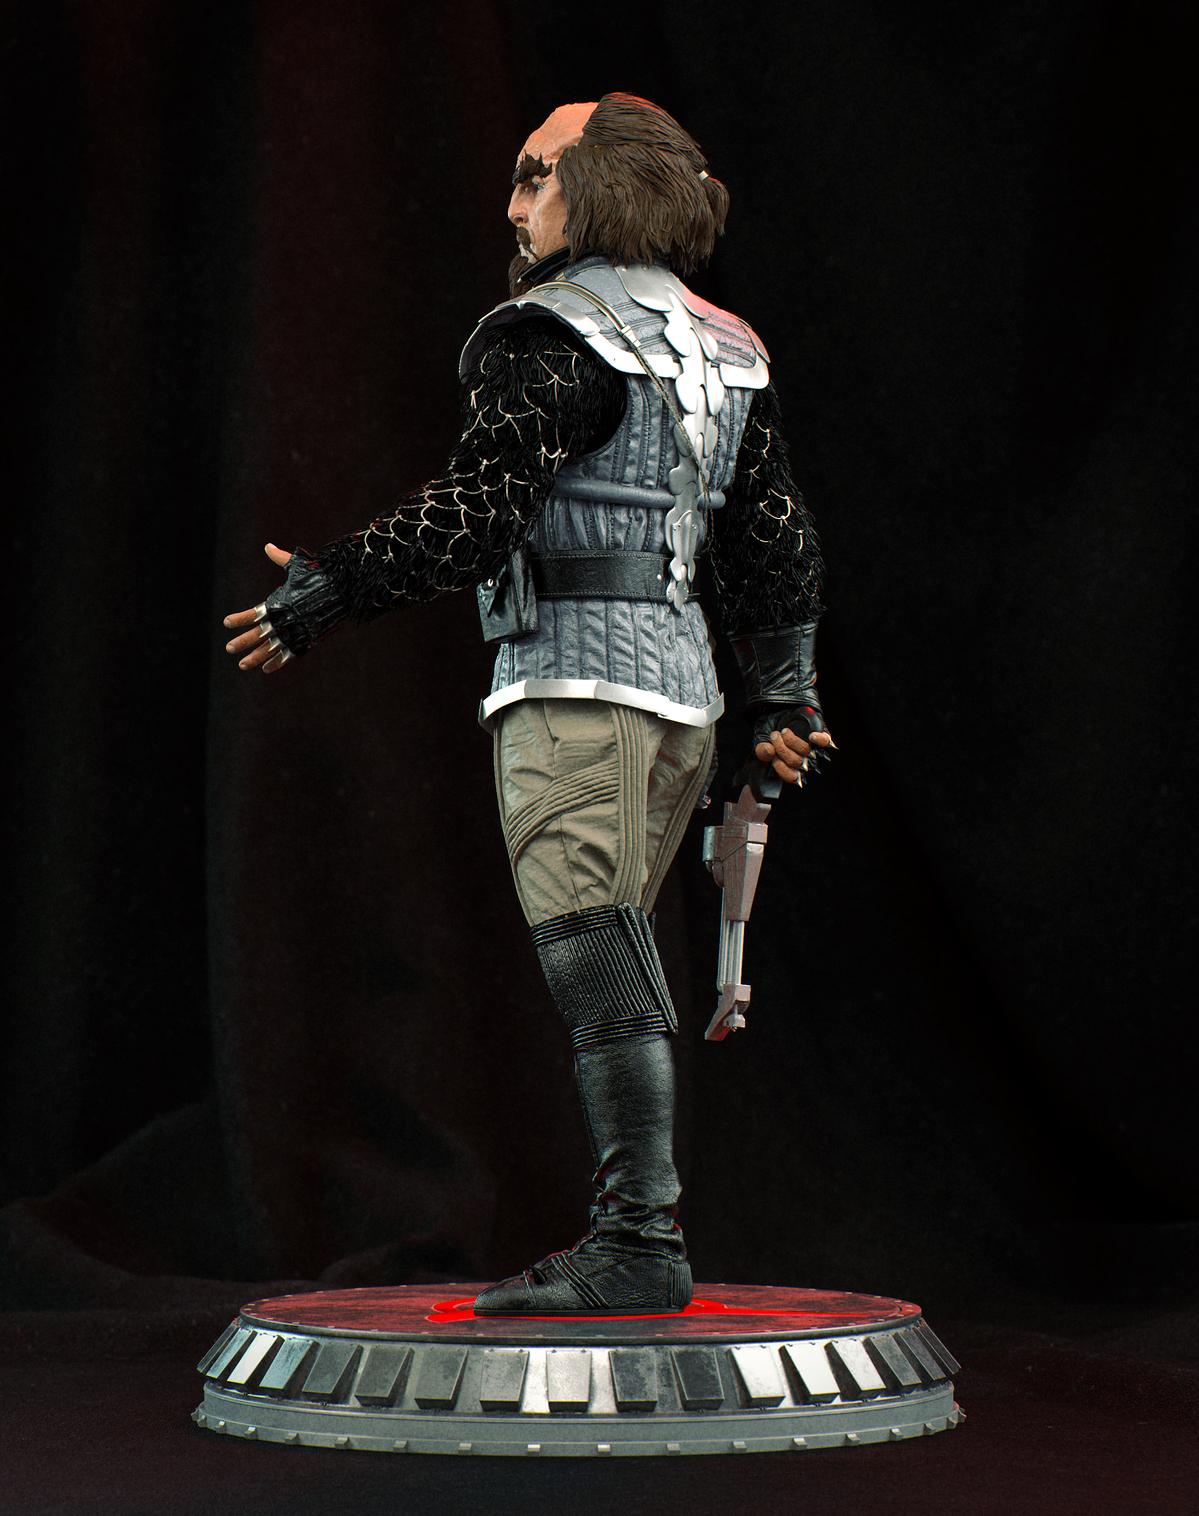 Klingon_06